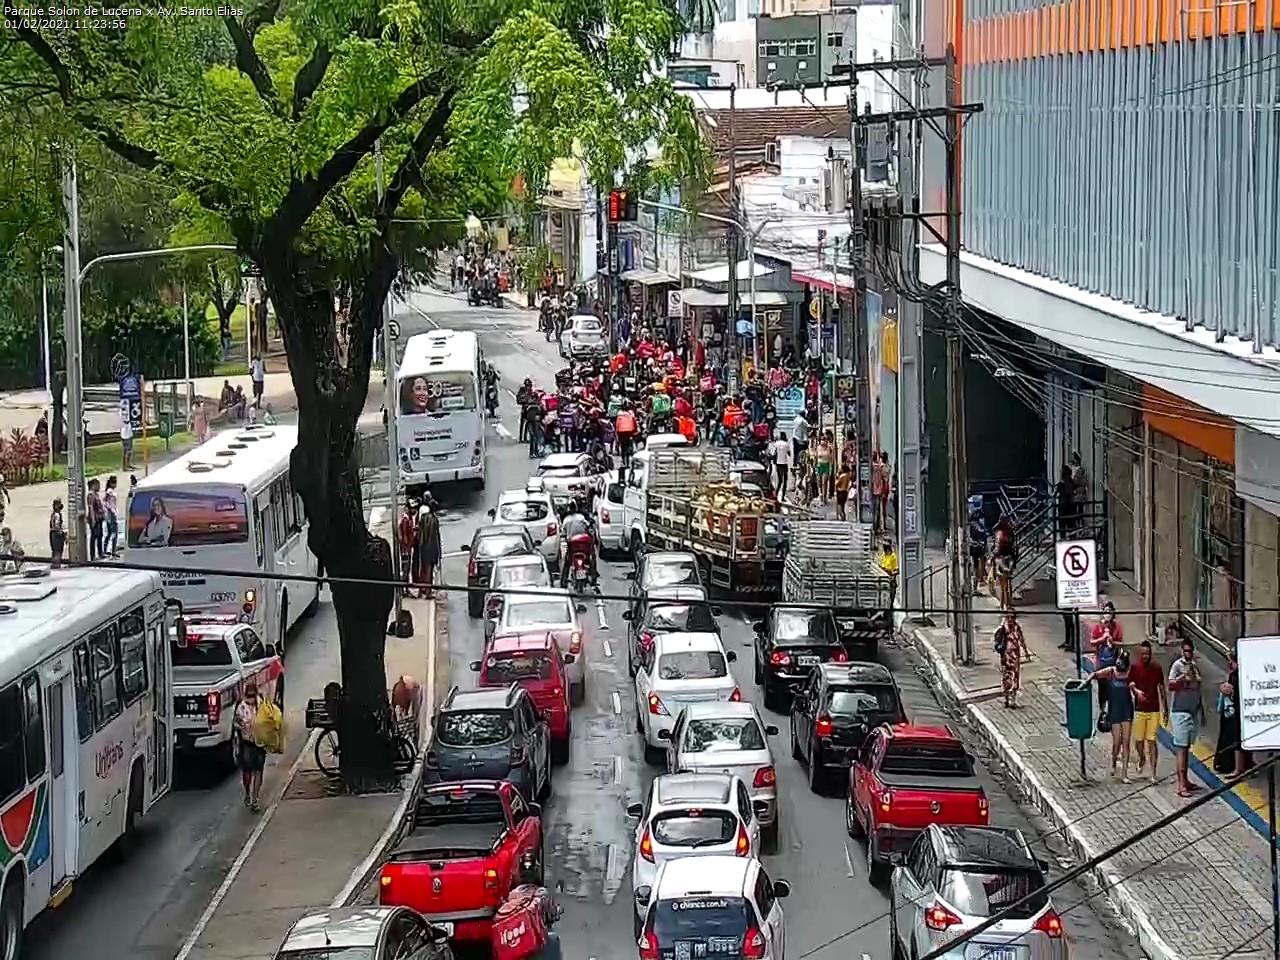 WhatsApp Image 2021 02 01 at 11.27.58 - Motoboys realizam protesto no Centro de João Pessoa; motoristas por aplicativo também param as atividades - VEJA IMAGENS